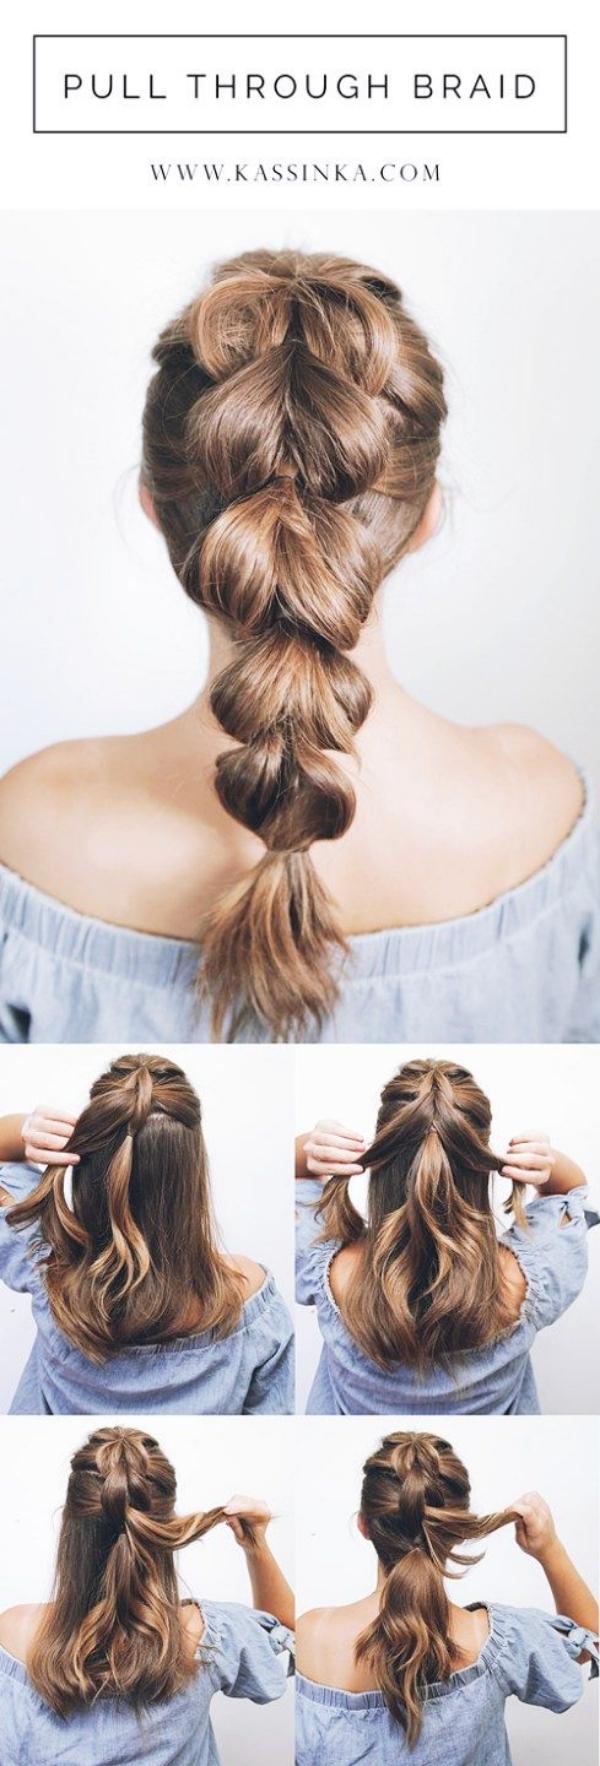 40 Easy Shoulder Length Frisuren für Frauen im Jahr 2018